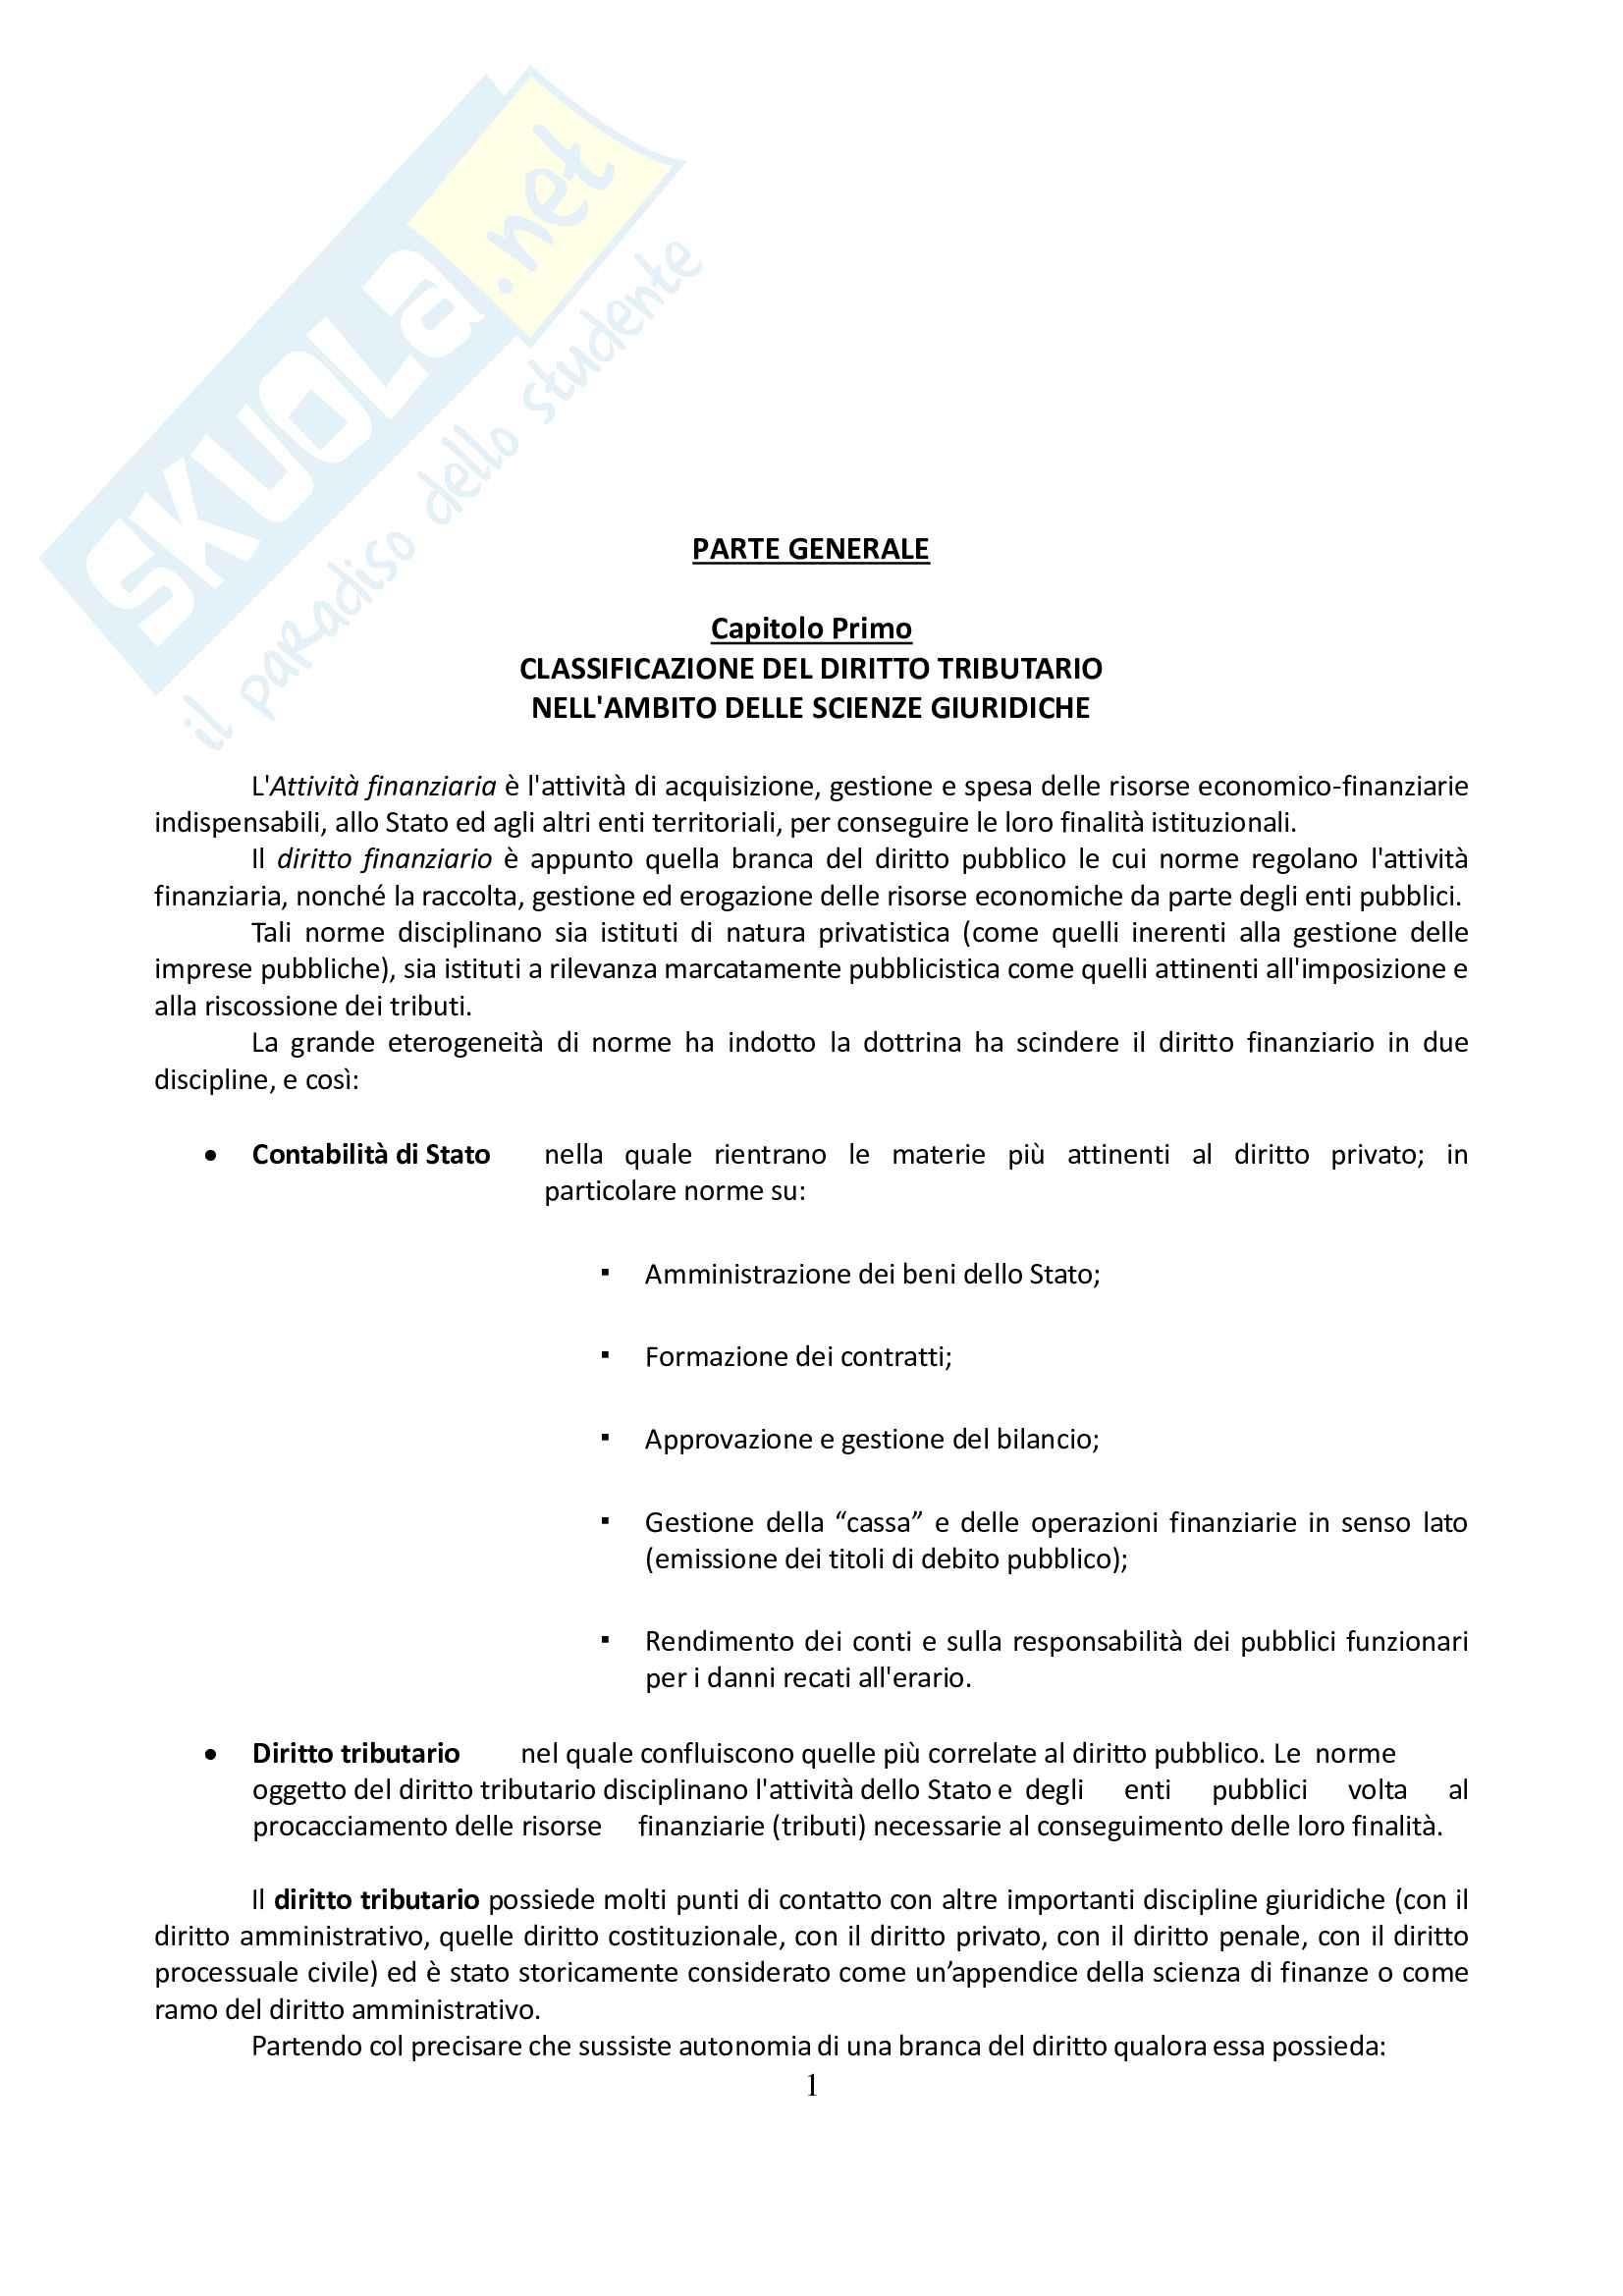 Riassunto esame Diritto Tributario, prof. Falsitta, libro consigliato Corso Istituzionale di Diritto Tributario - 4a Edizione Riveduta (2012)